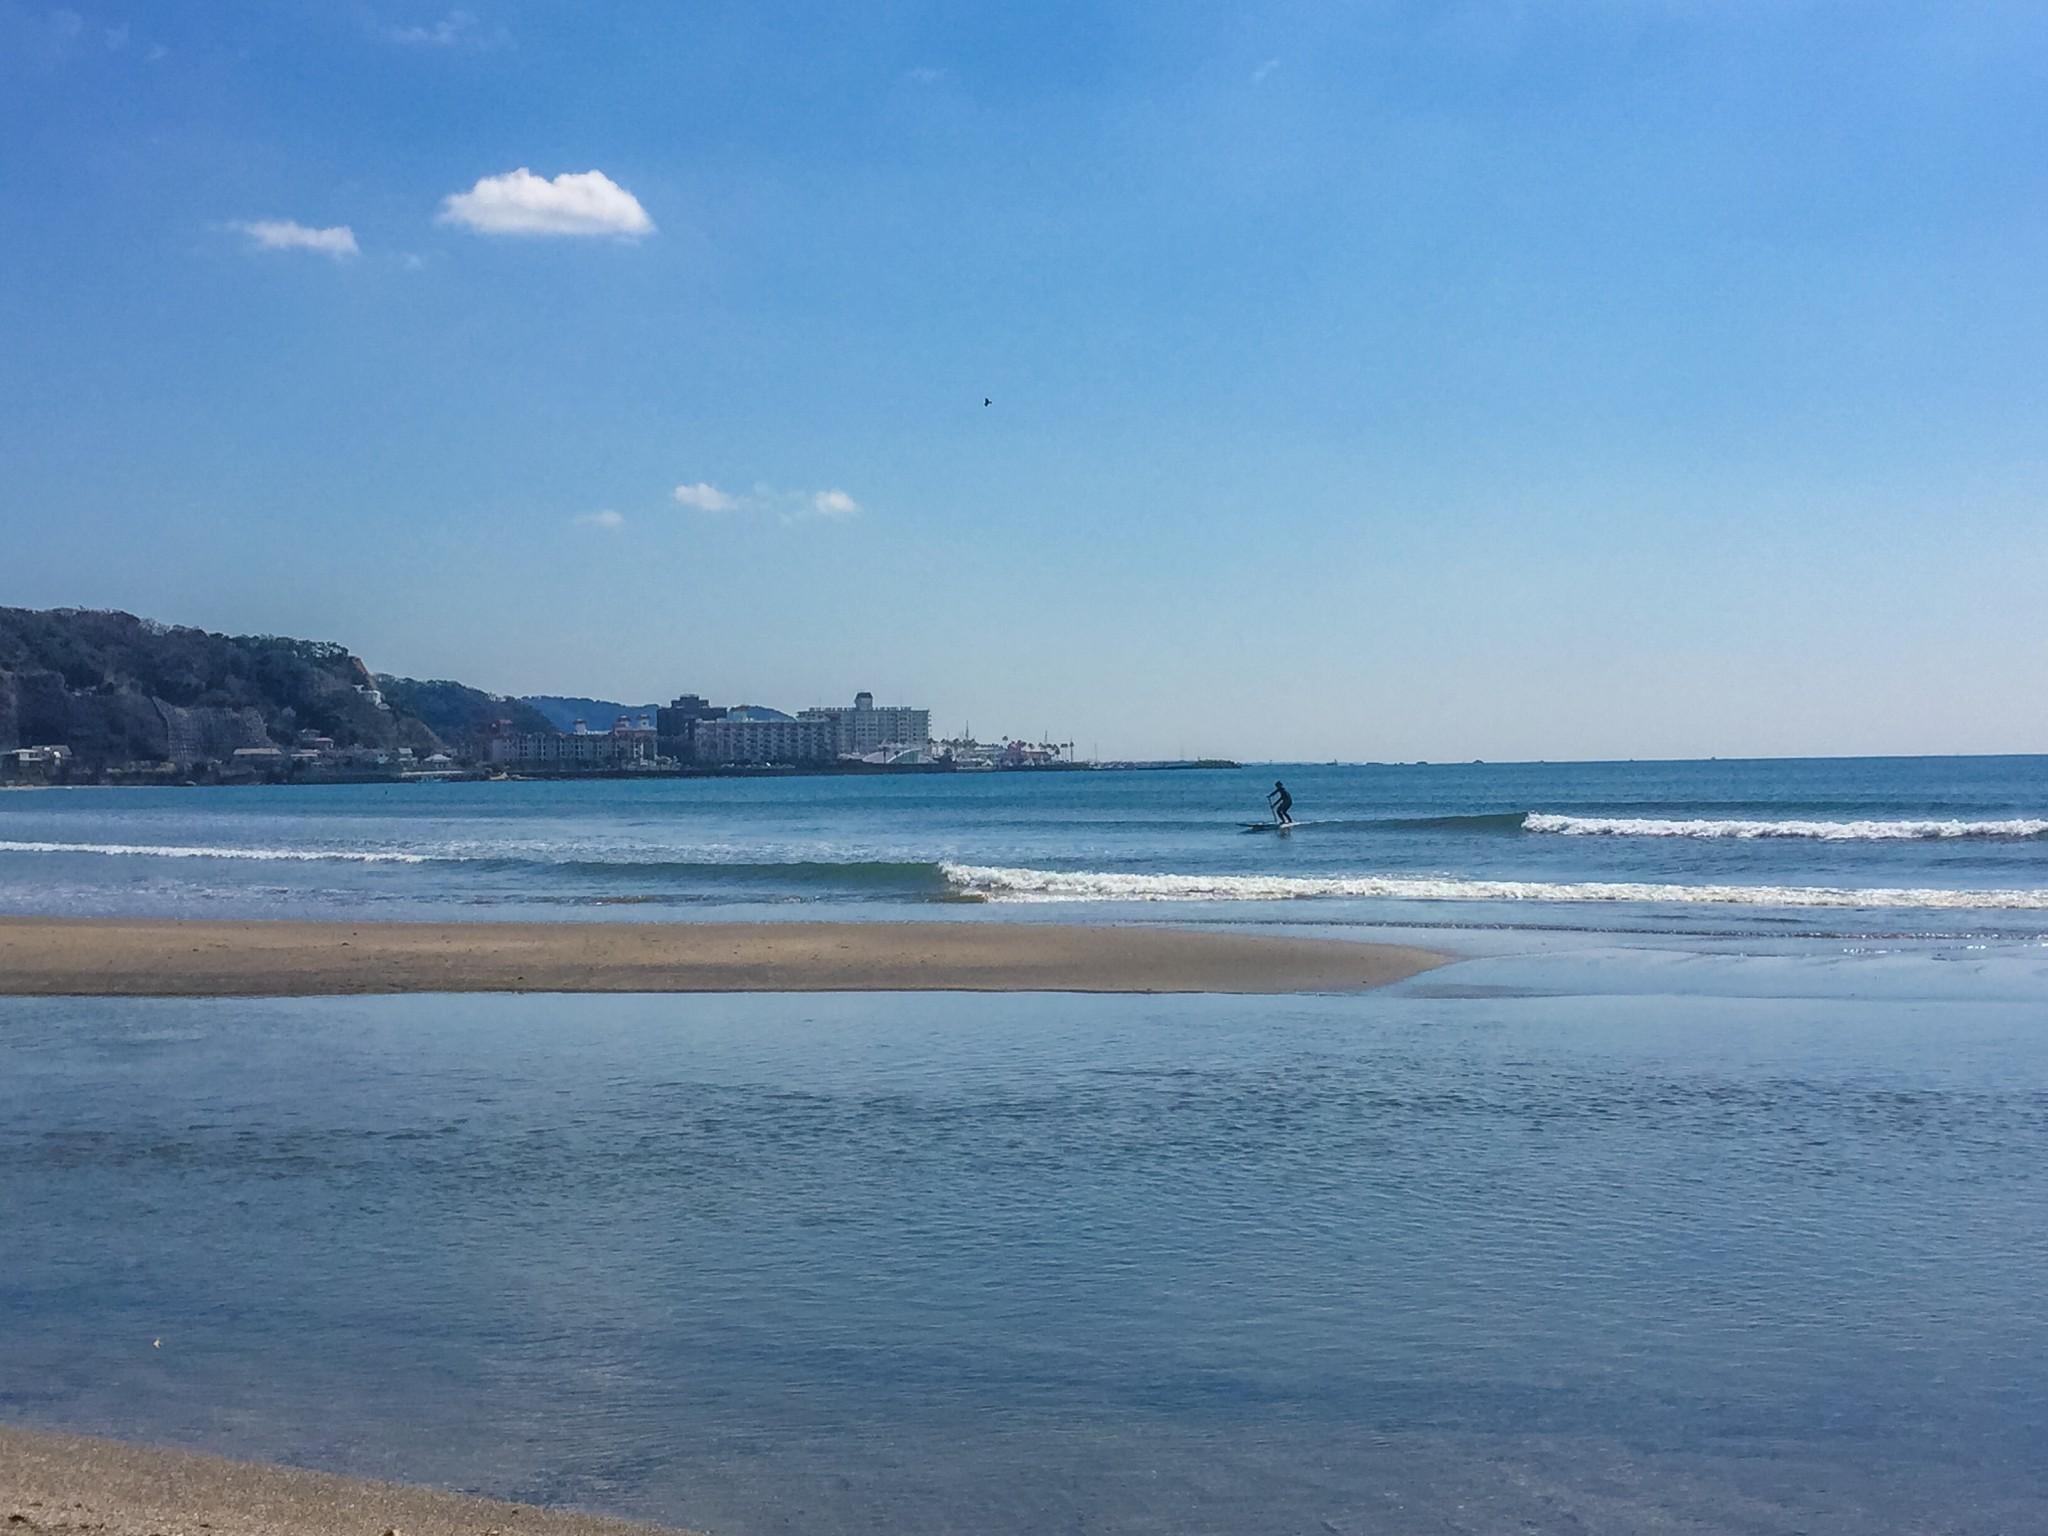 Yuigahama Beach in Kamakura – One of the Closest Beaches to Tokyo!